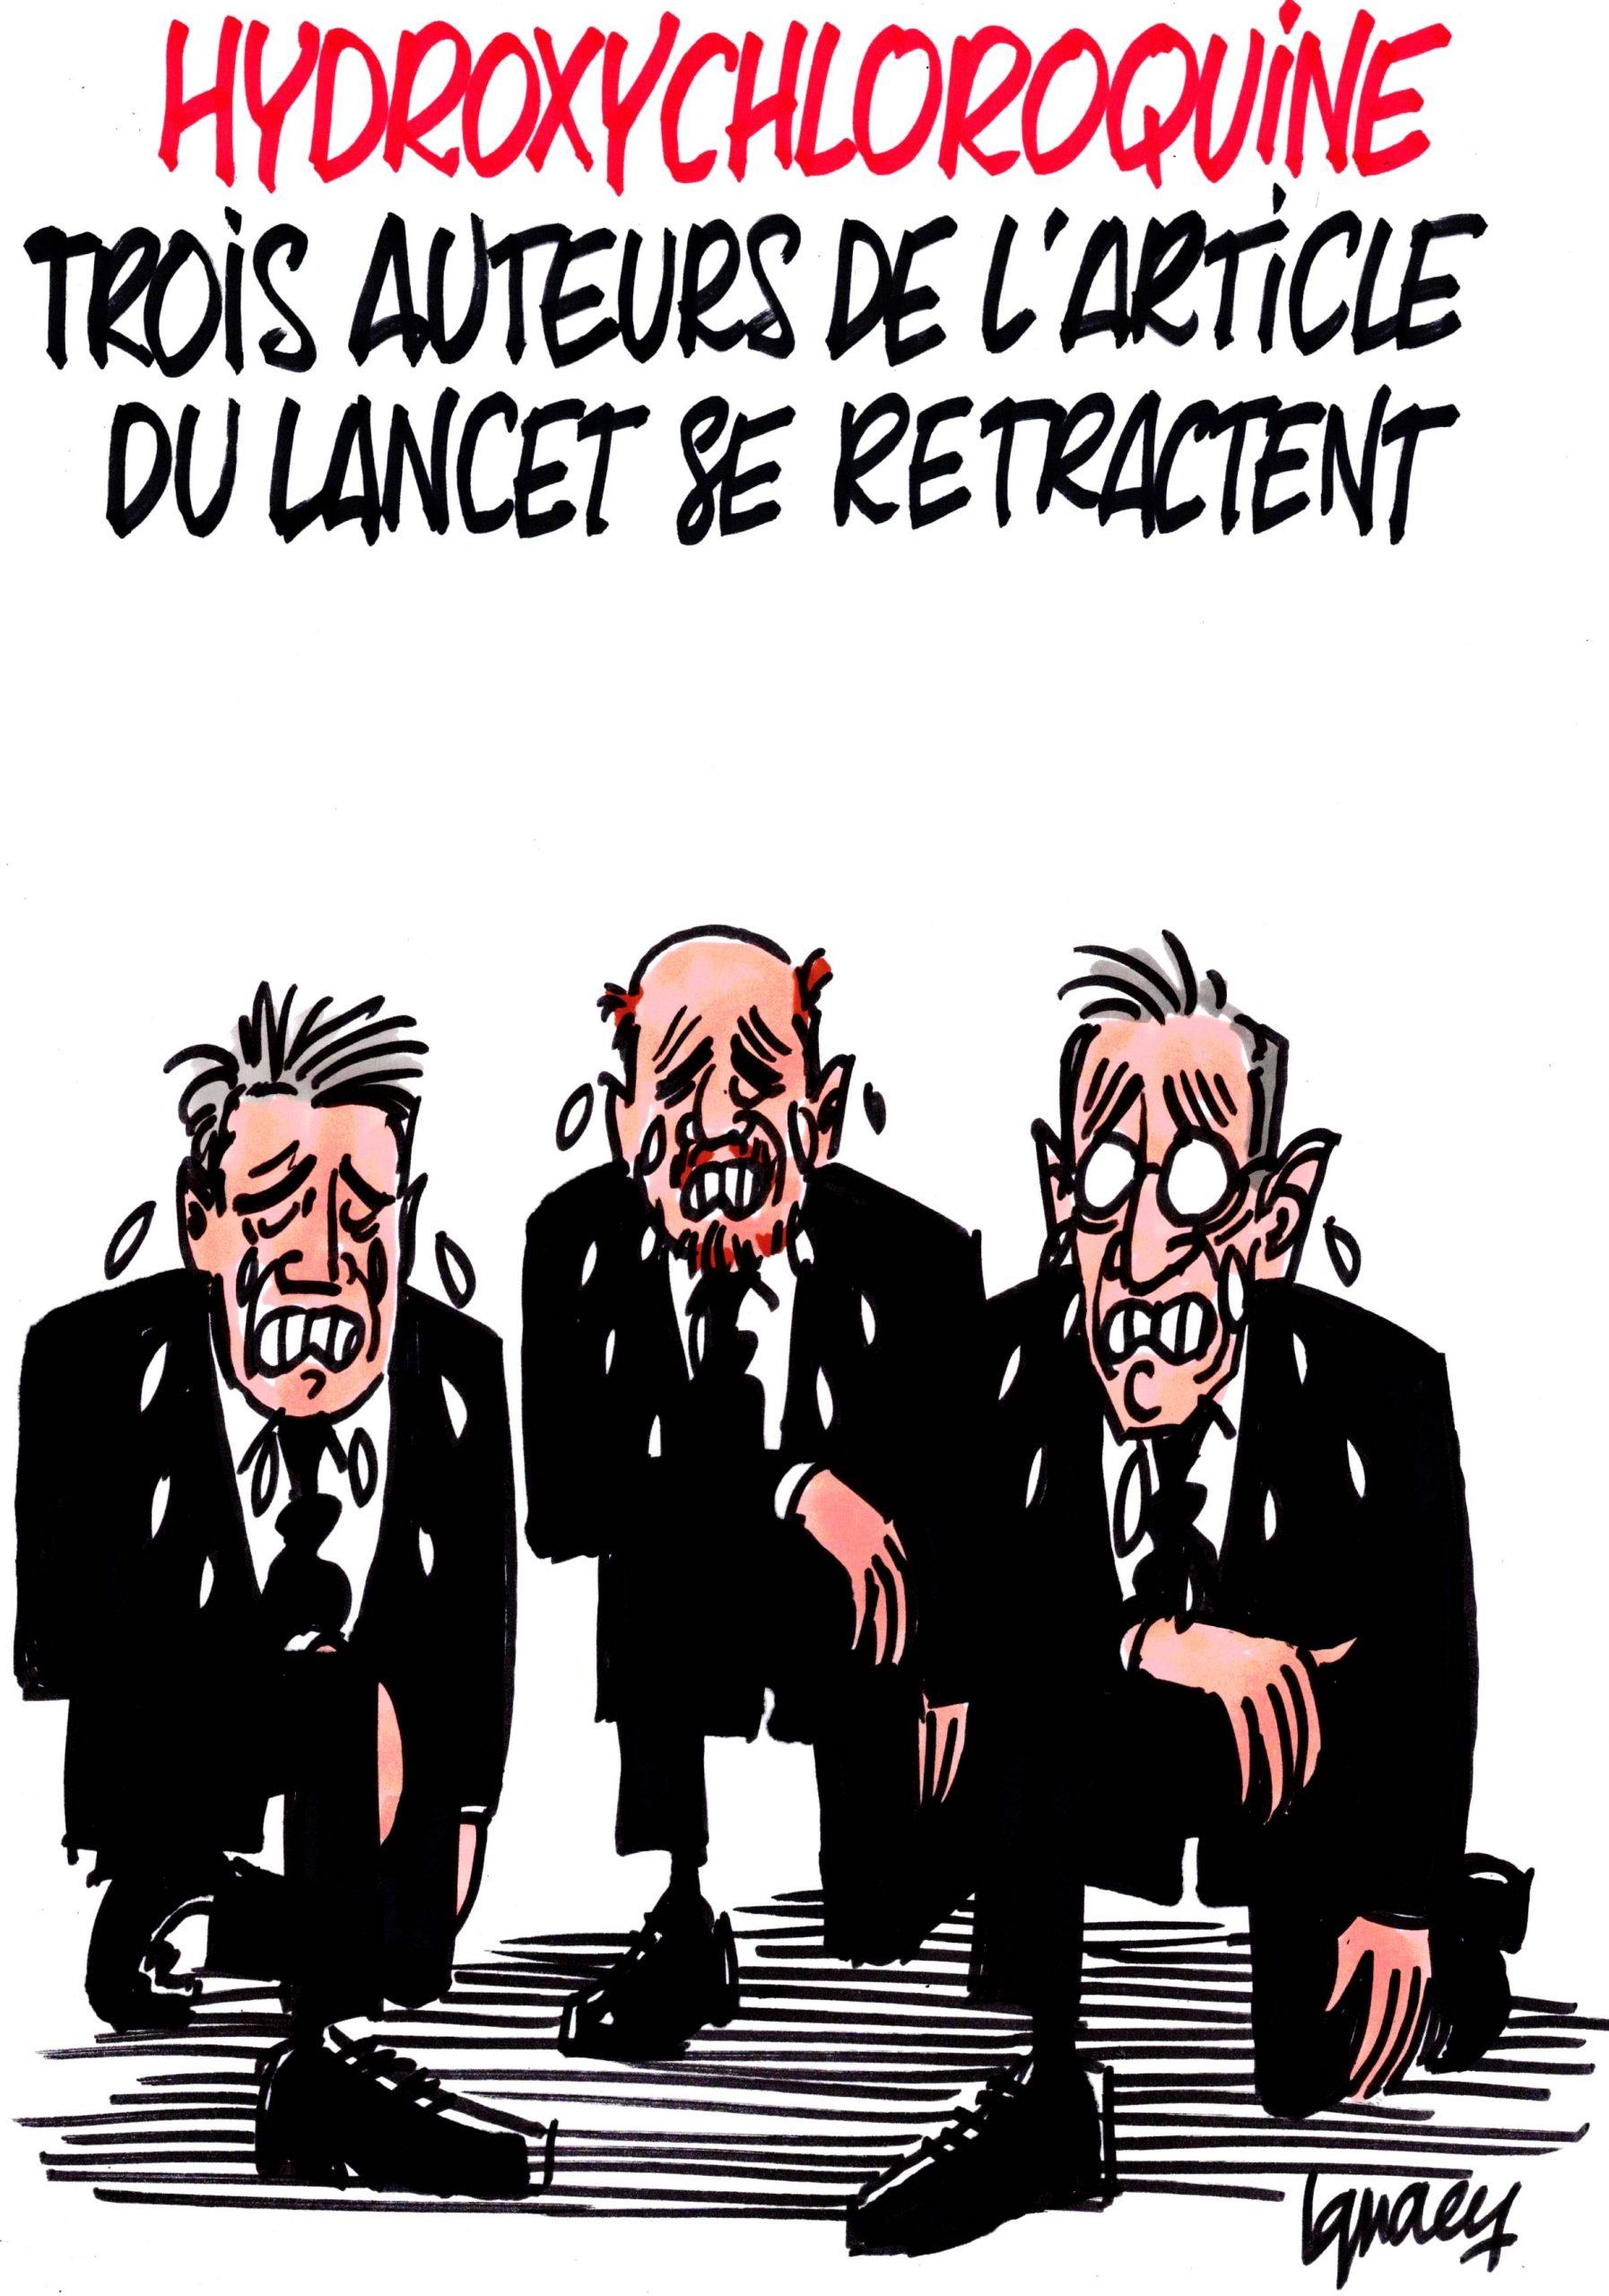 Ignace - Trois auteur de l'article du Lancet se retractent